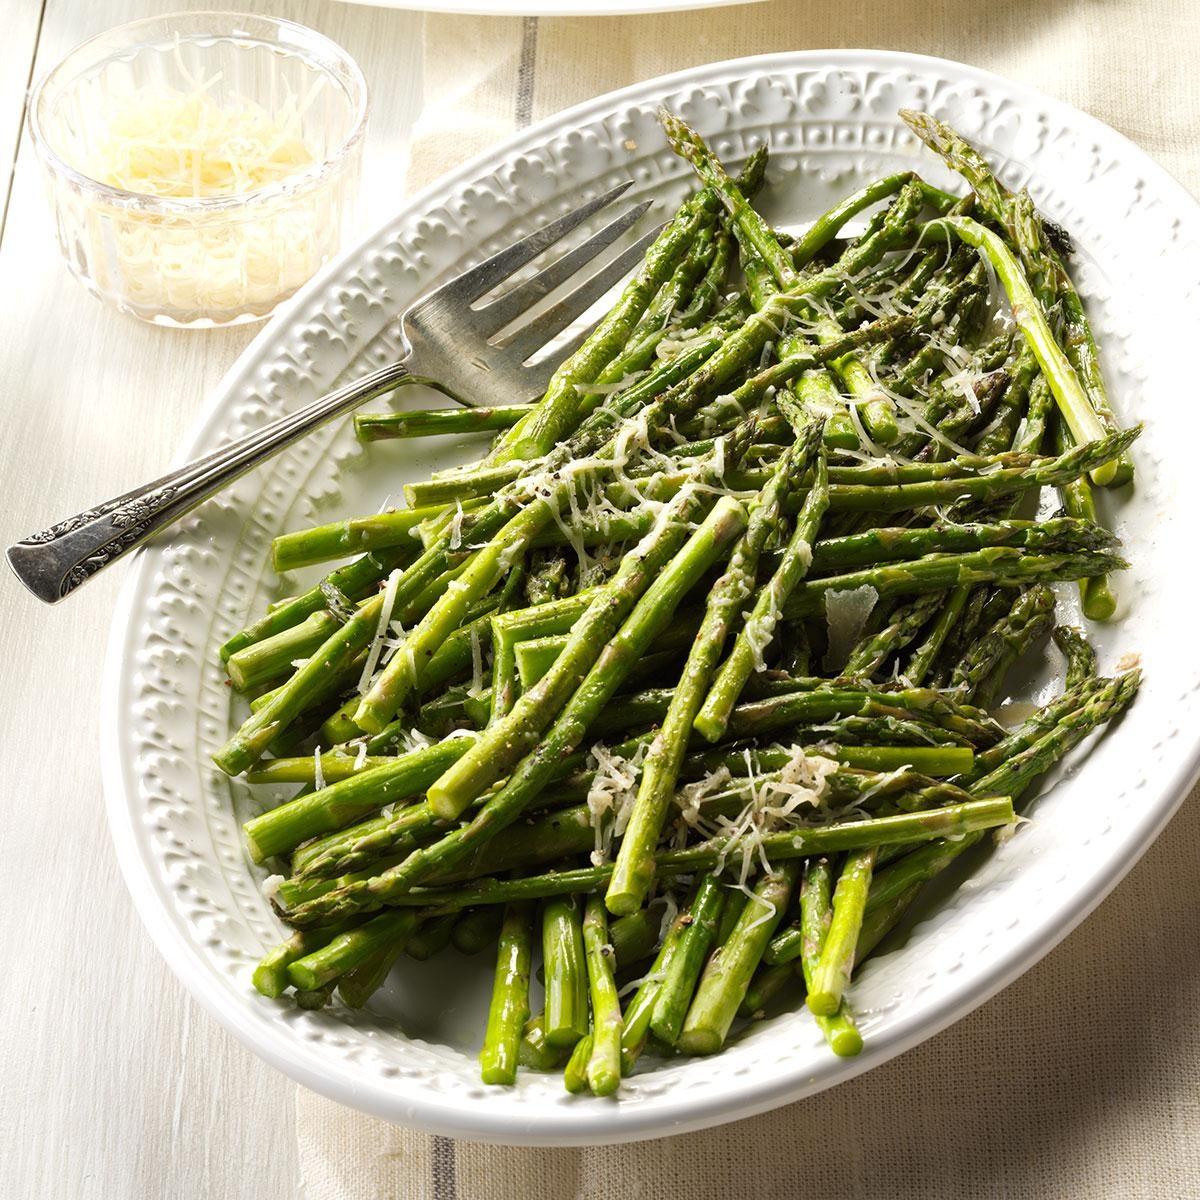 parmesan asparagus recipe taste of home. Black Bedroom Furniture Sets. Home Design Ideas